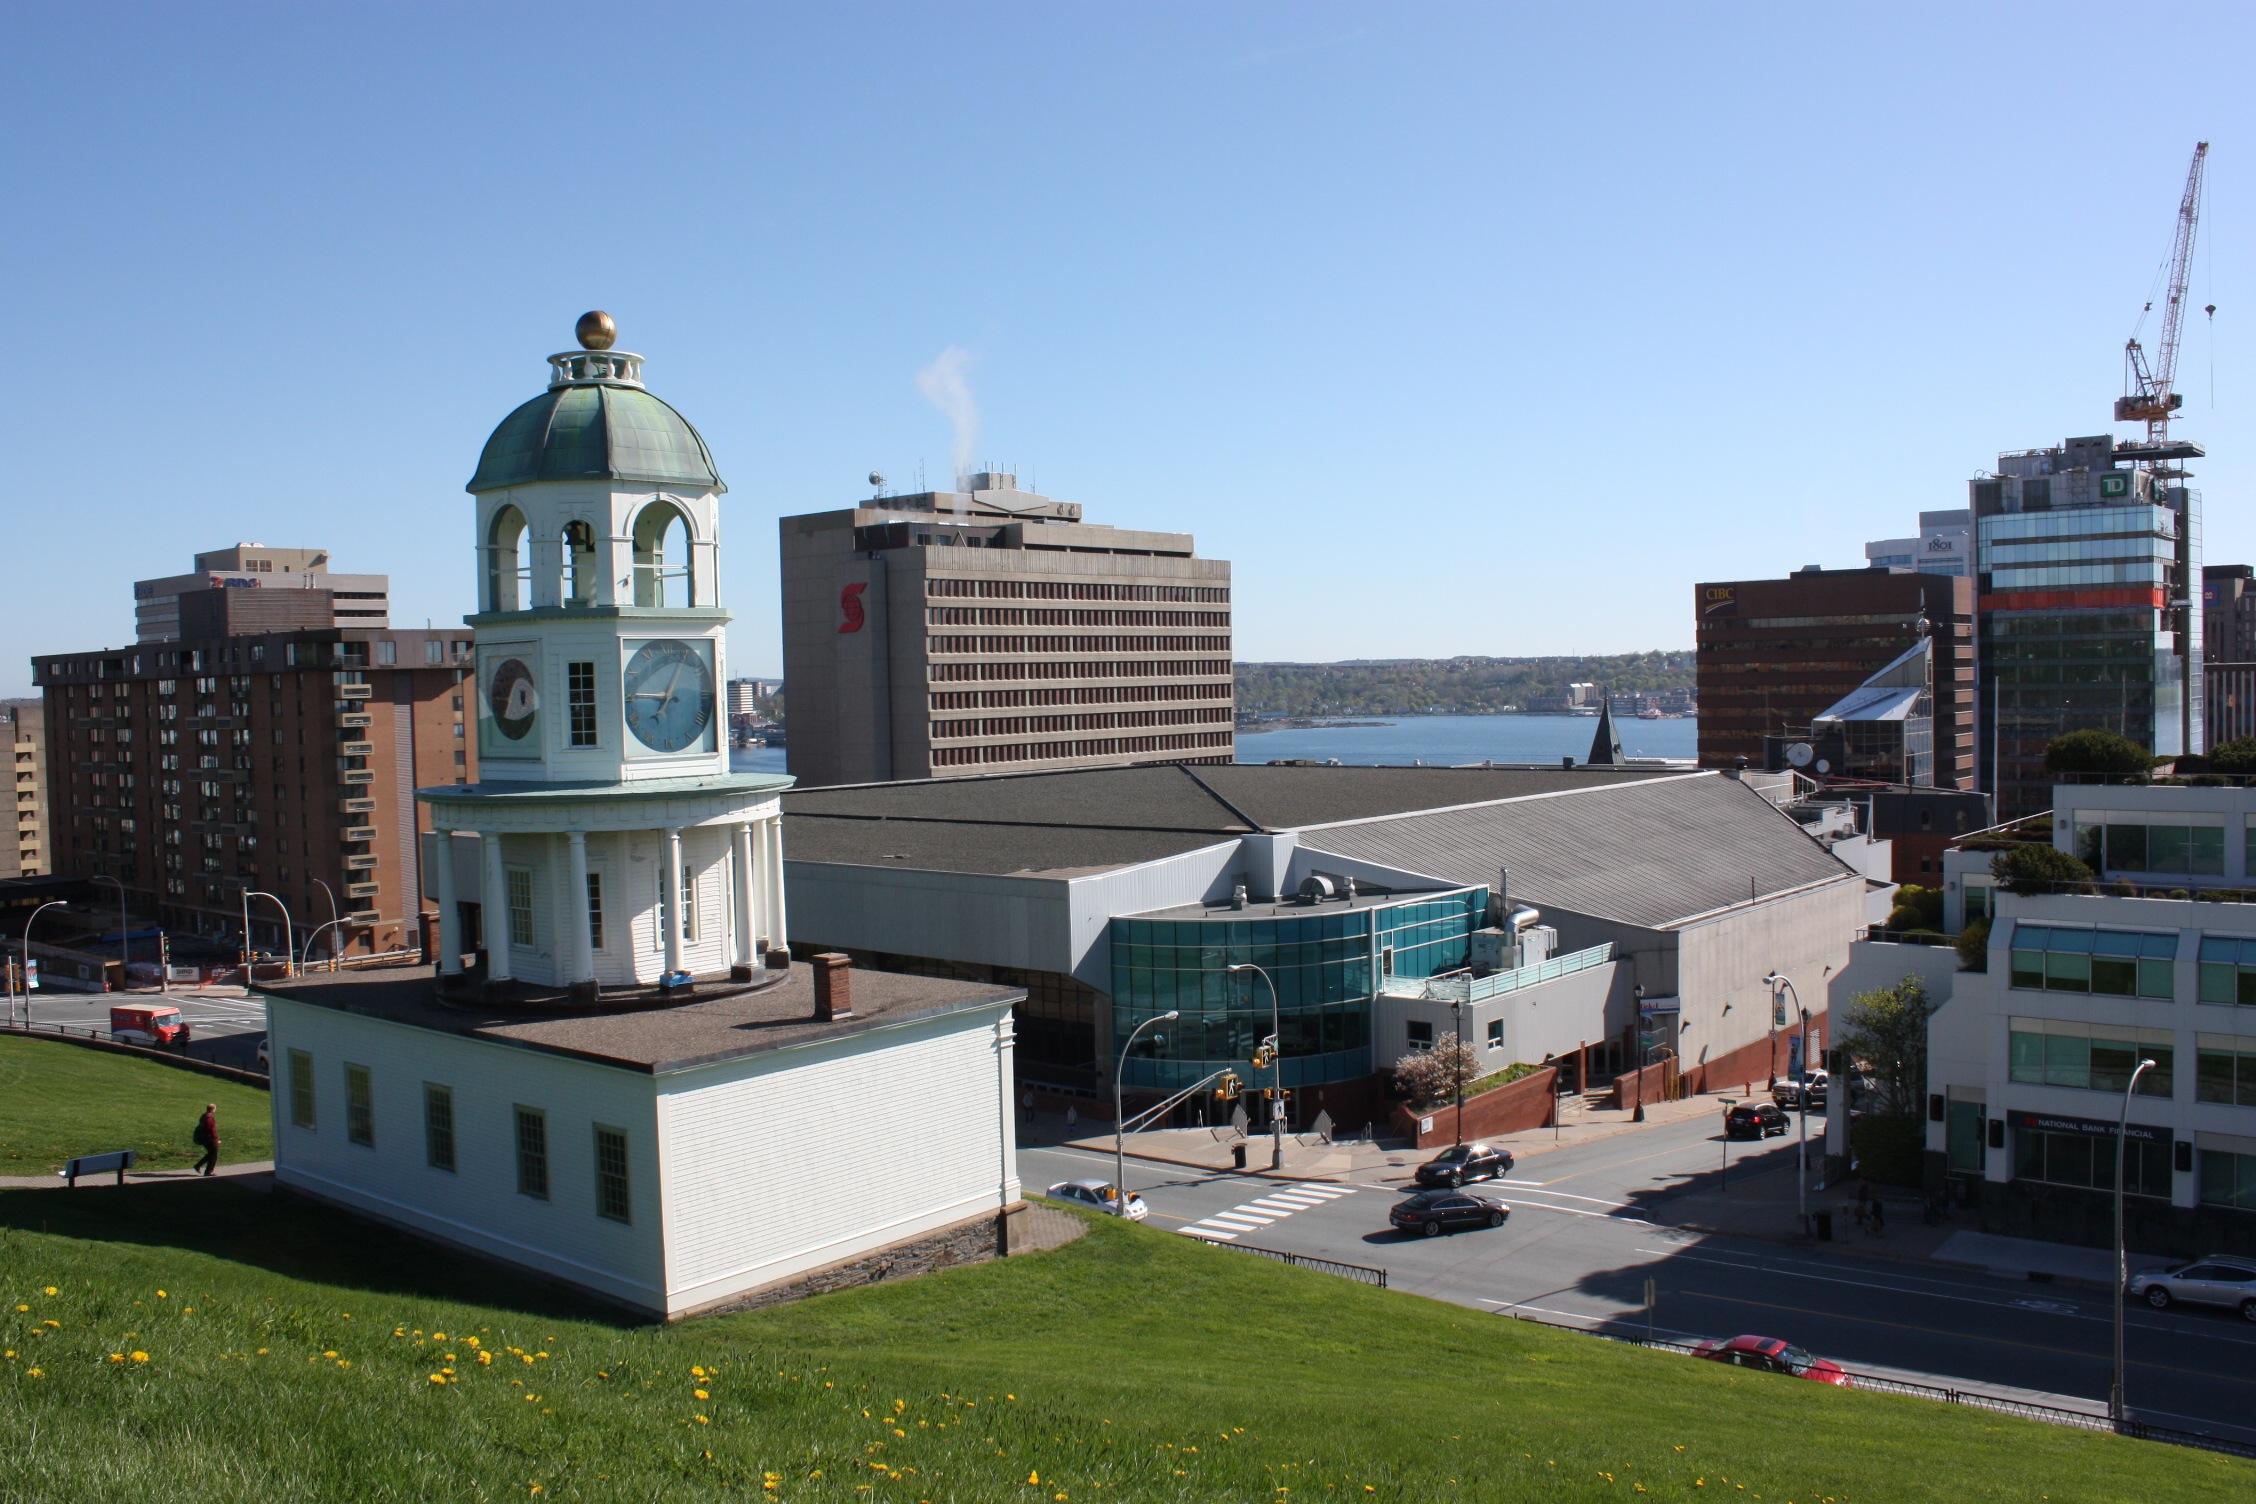 2014-05-28 - Mim in Halifax - 003